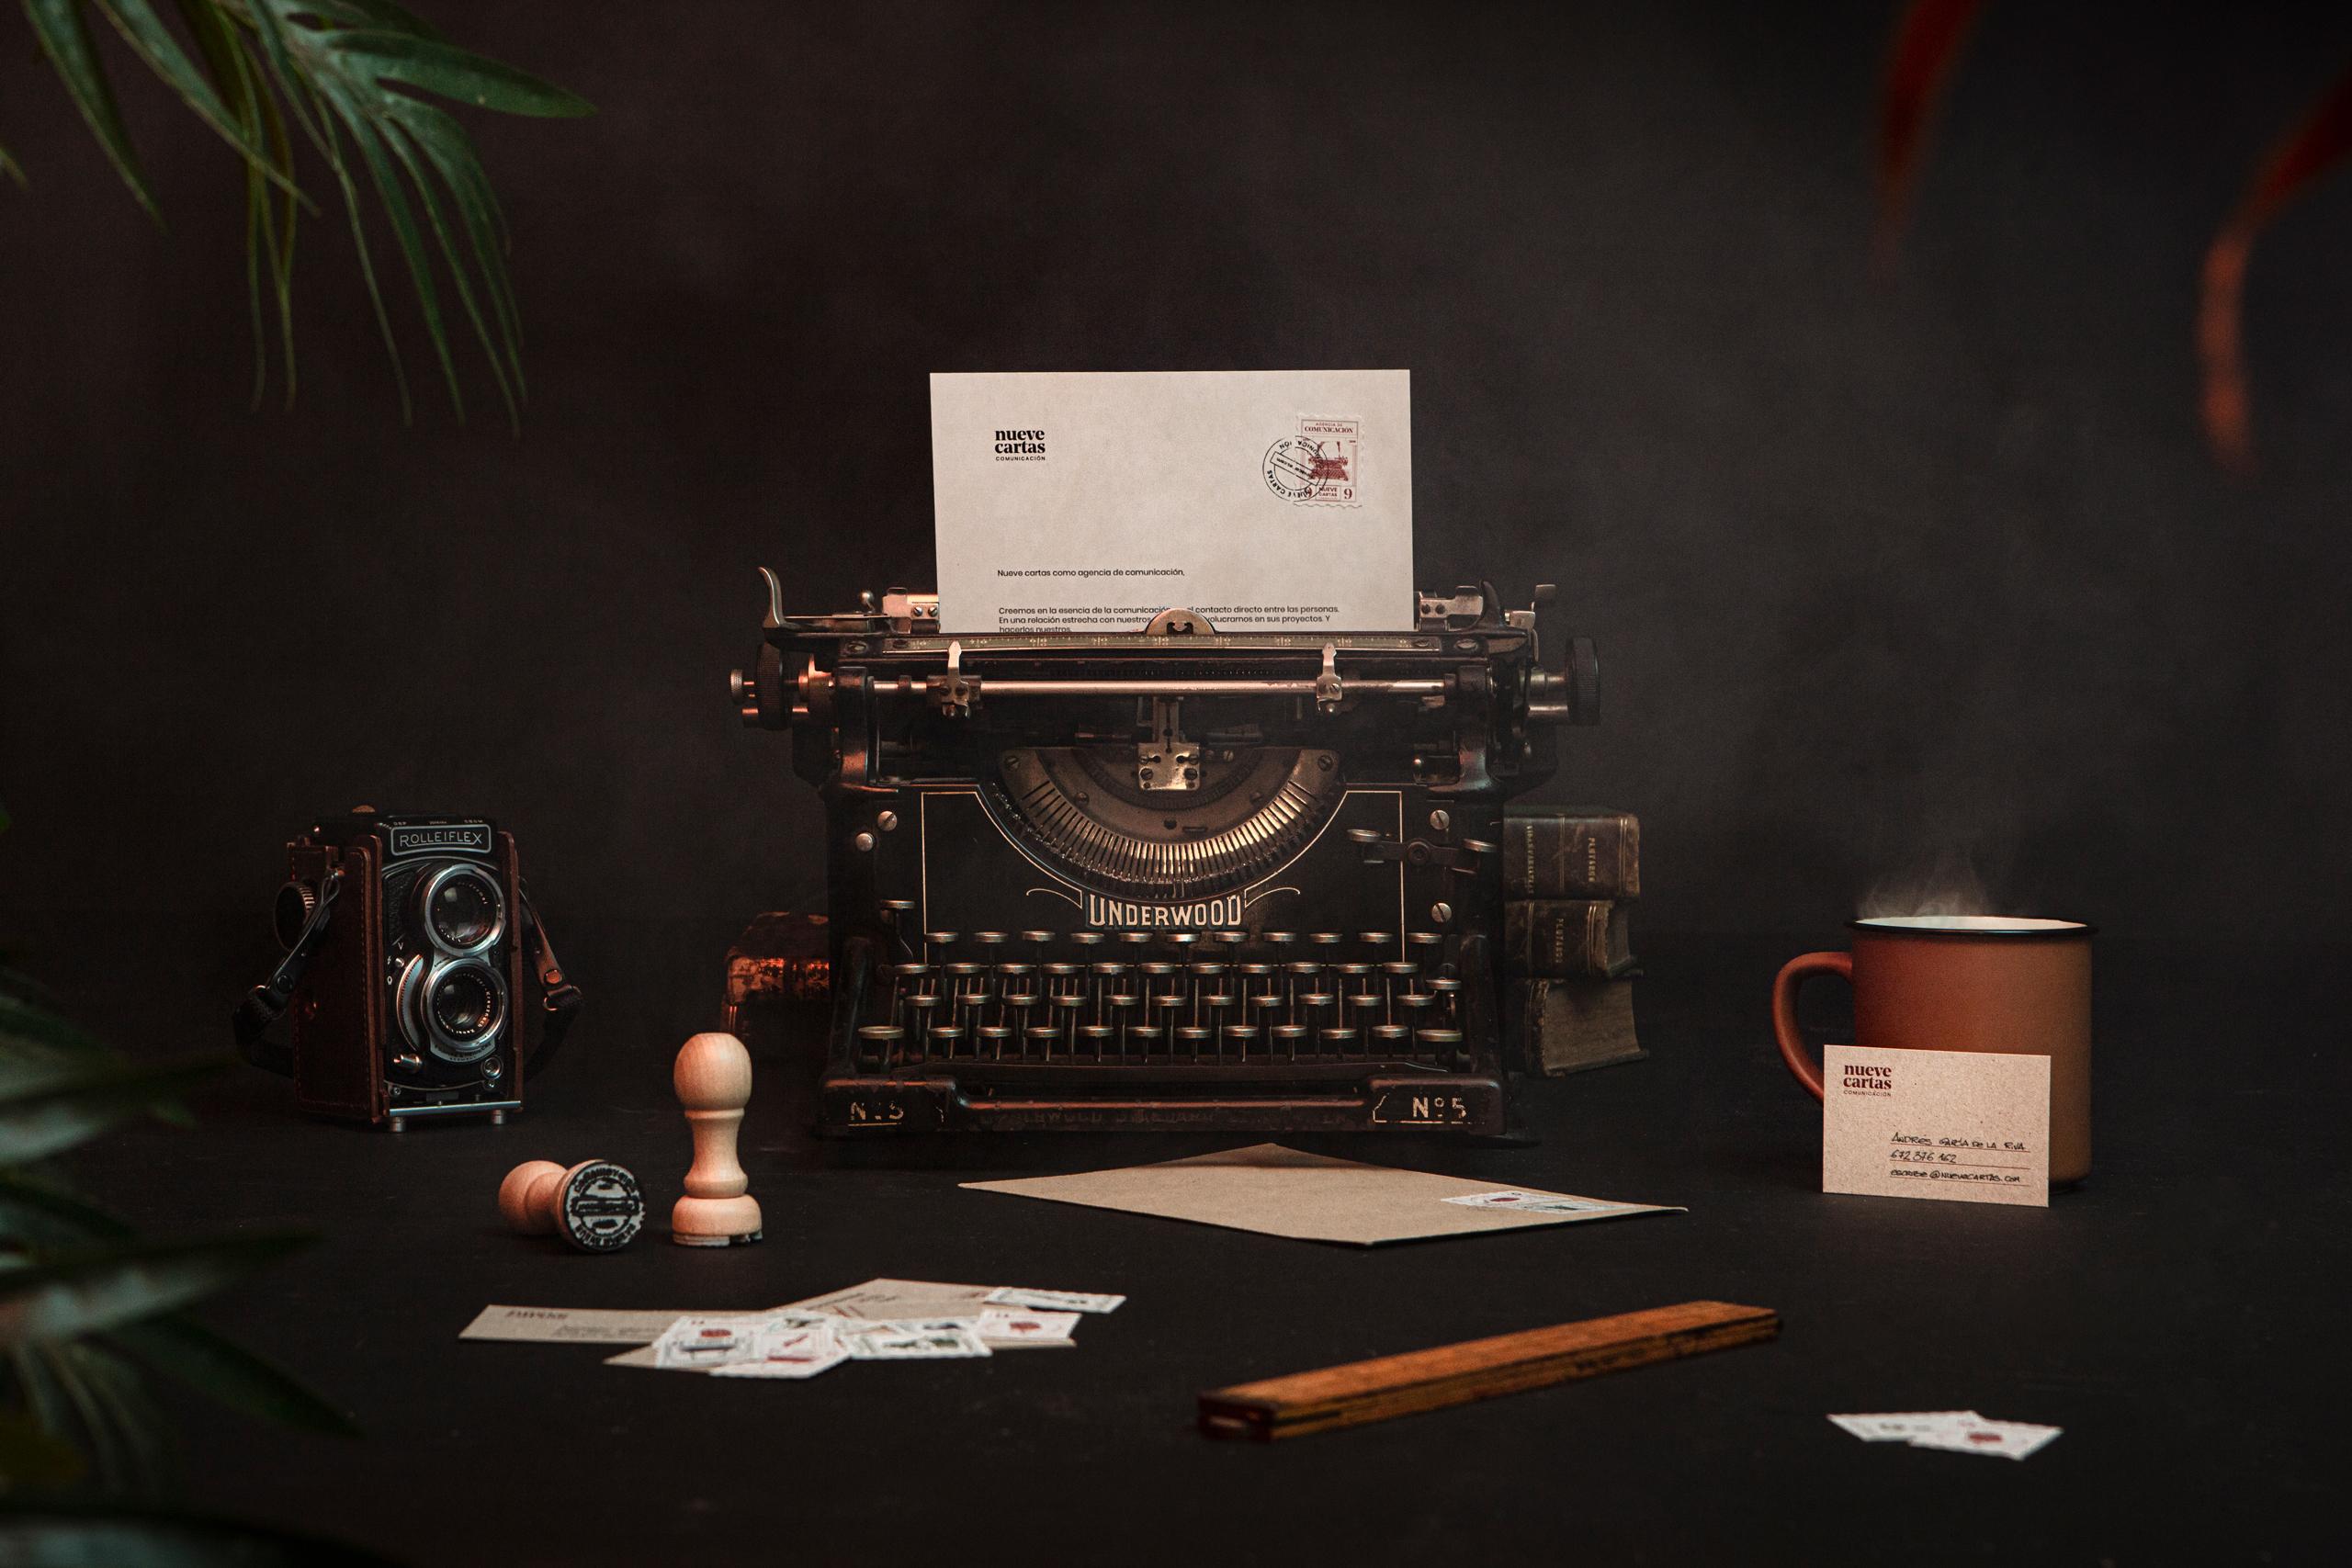 Nueve cartas by silencio - Creative Work